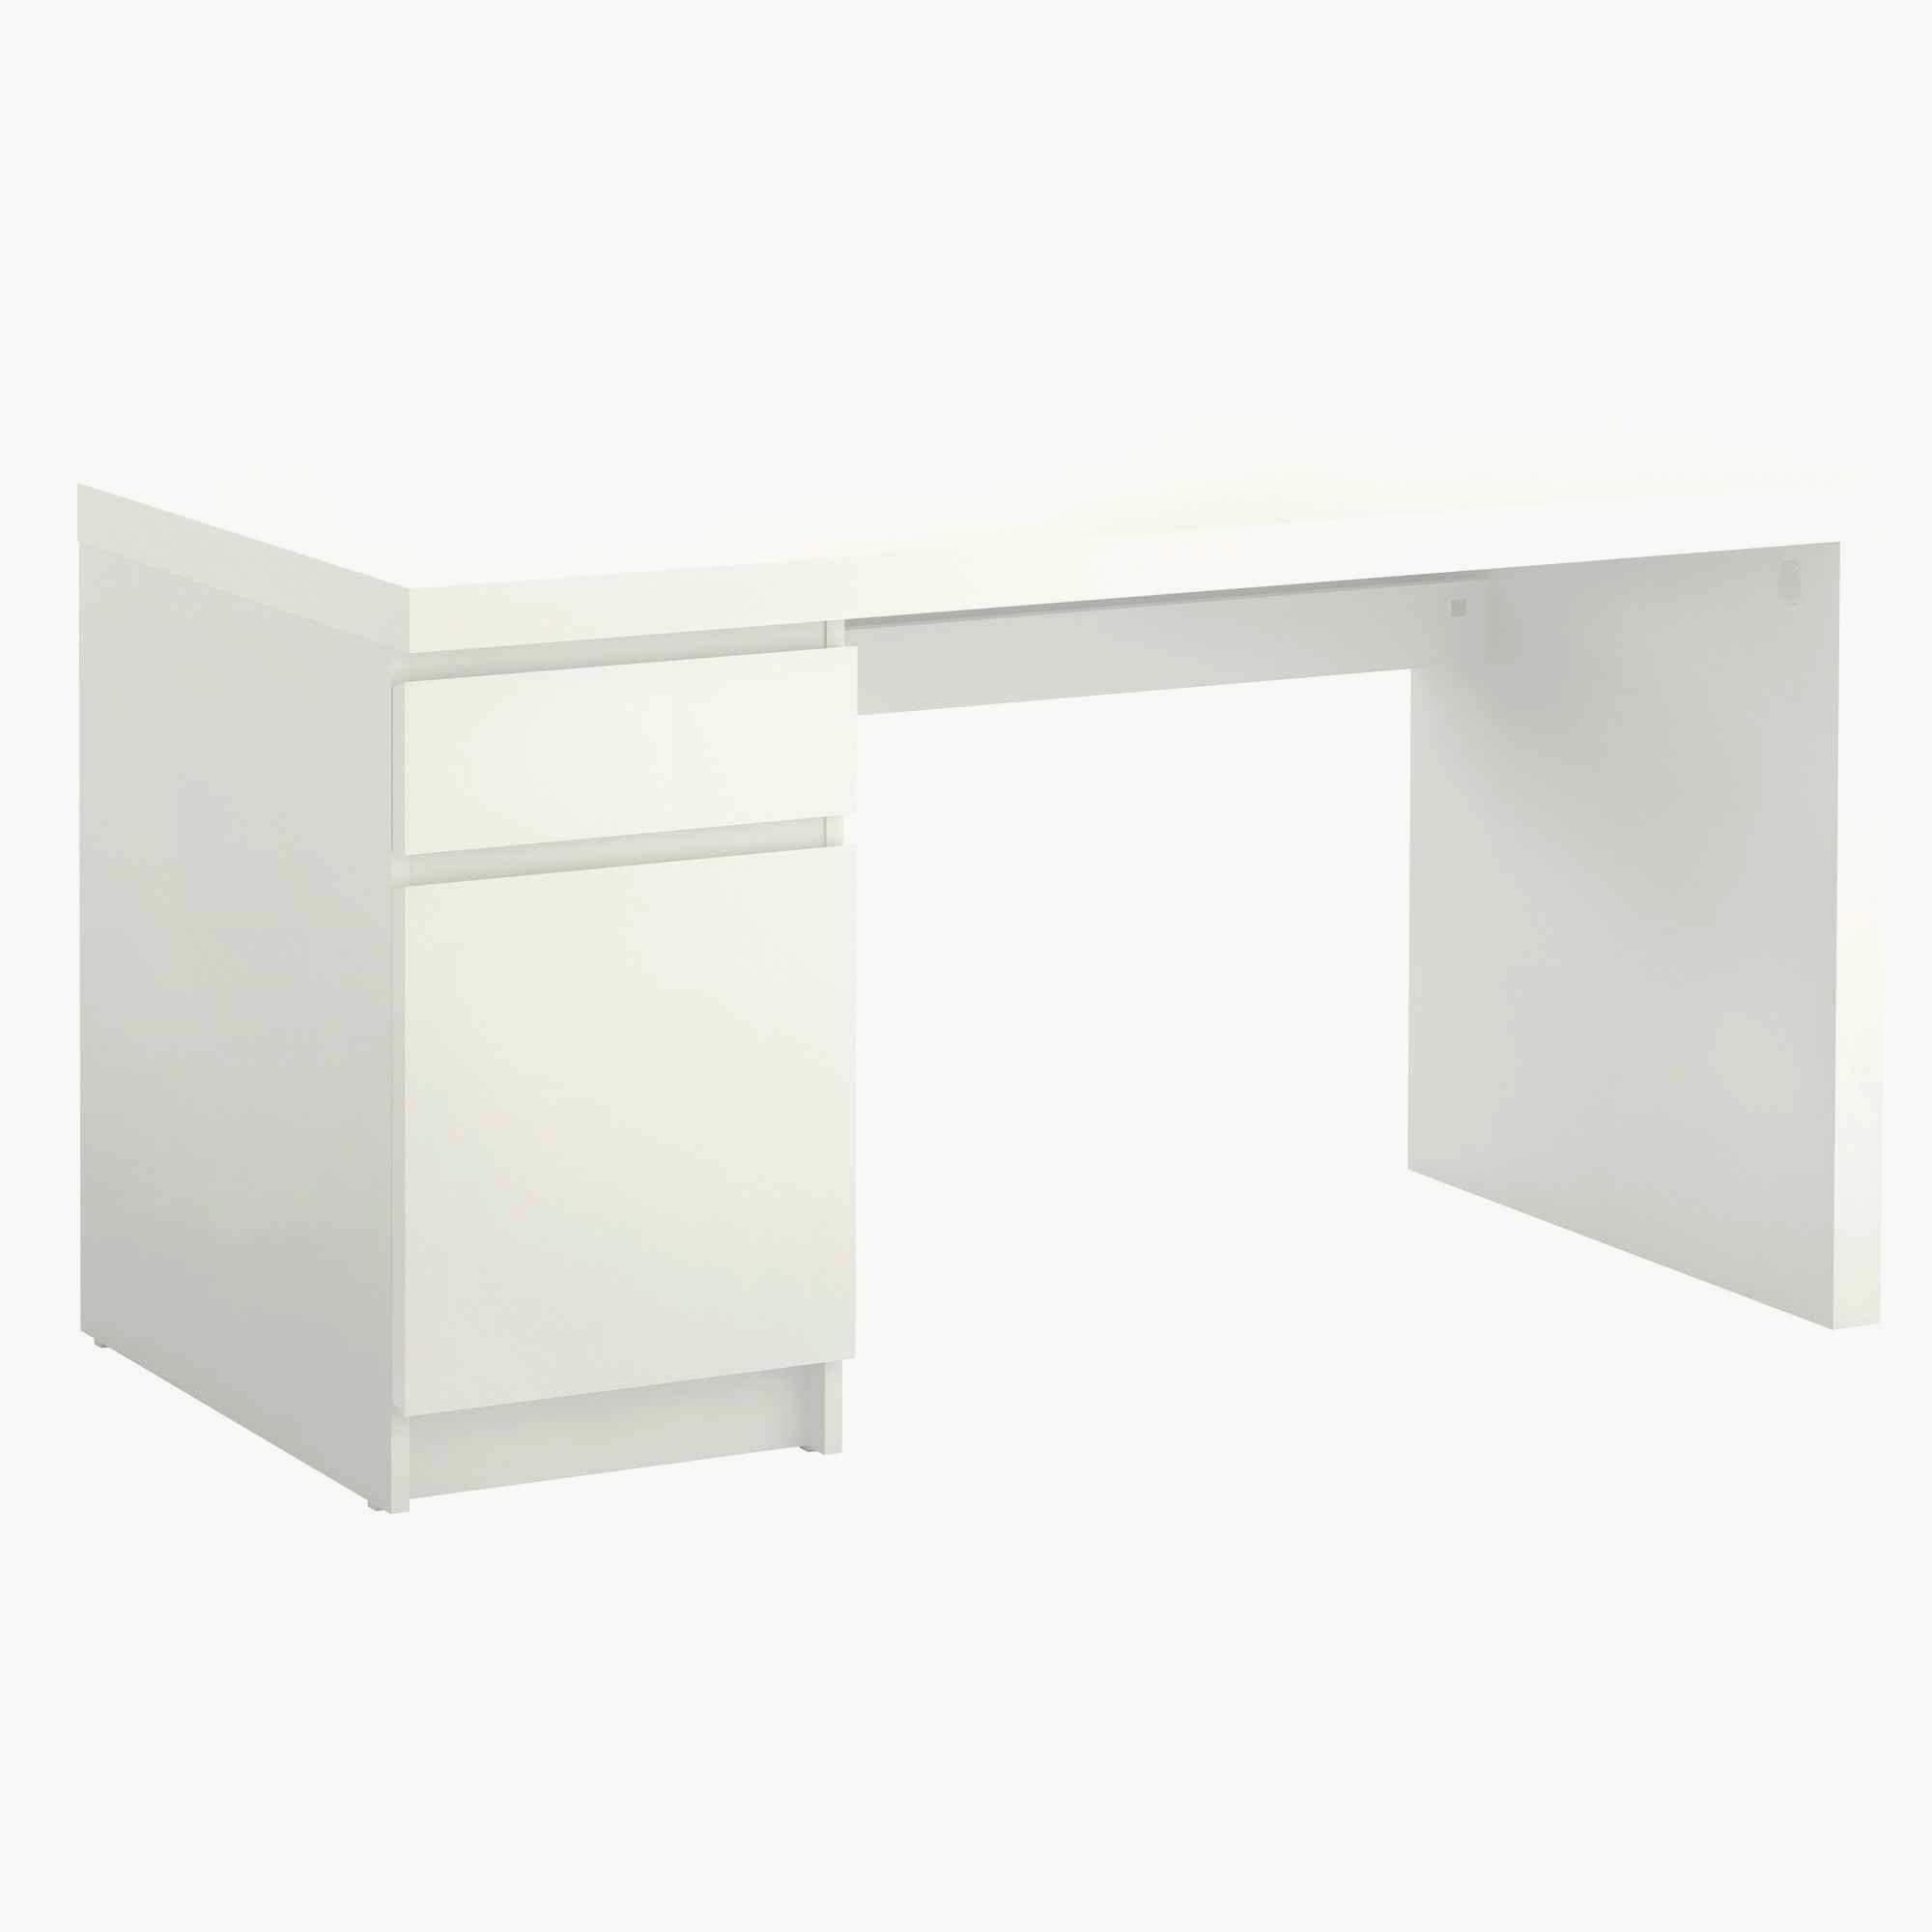 Full Size of Ikea Hngeschrank Wohnzimmer Reizend Elegant Hängeschrank Weiß Hochglanz Modulküche Küche Glastüren Sofa Mit Schlaffunktion Badezimmer Betten 160x200 Bad Wohnzimmer Hängeschrank Ikea